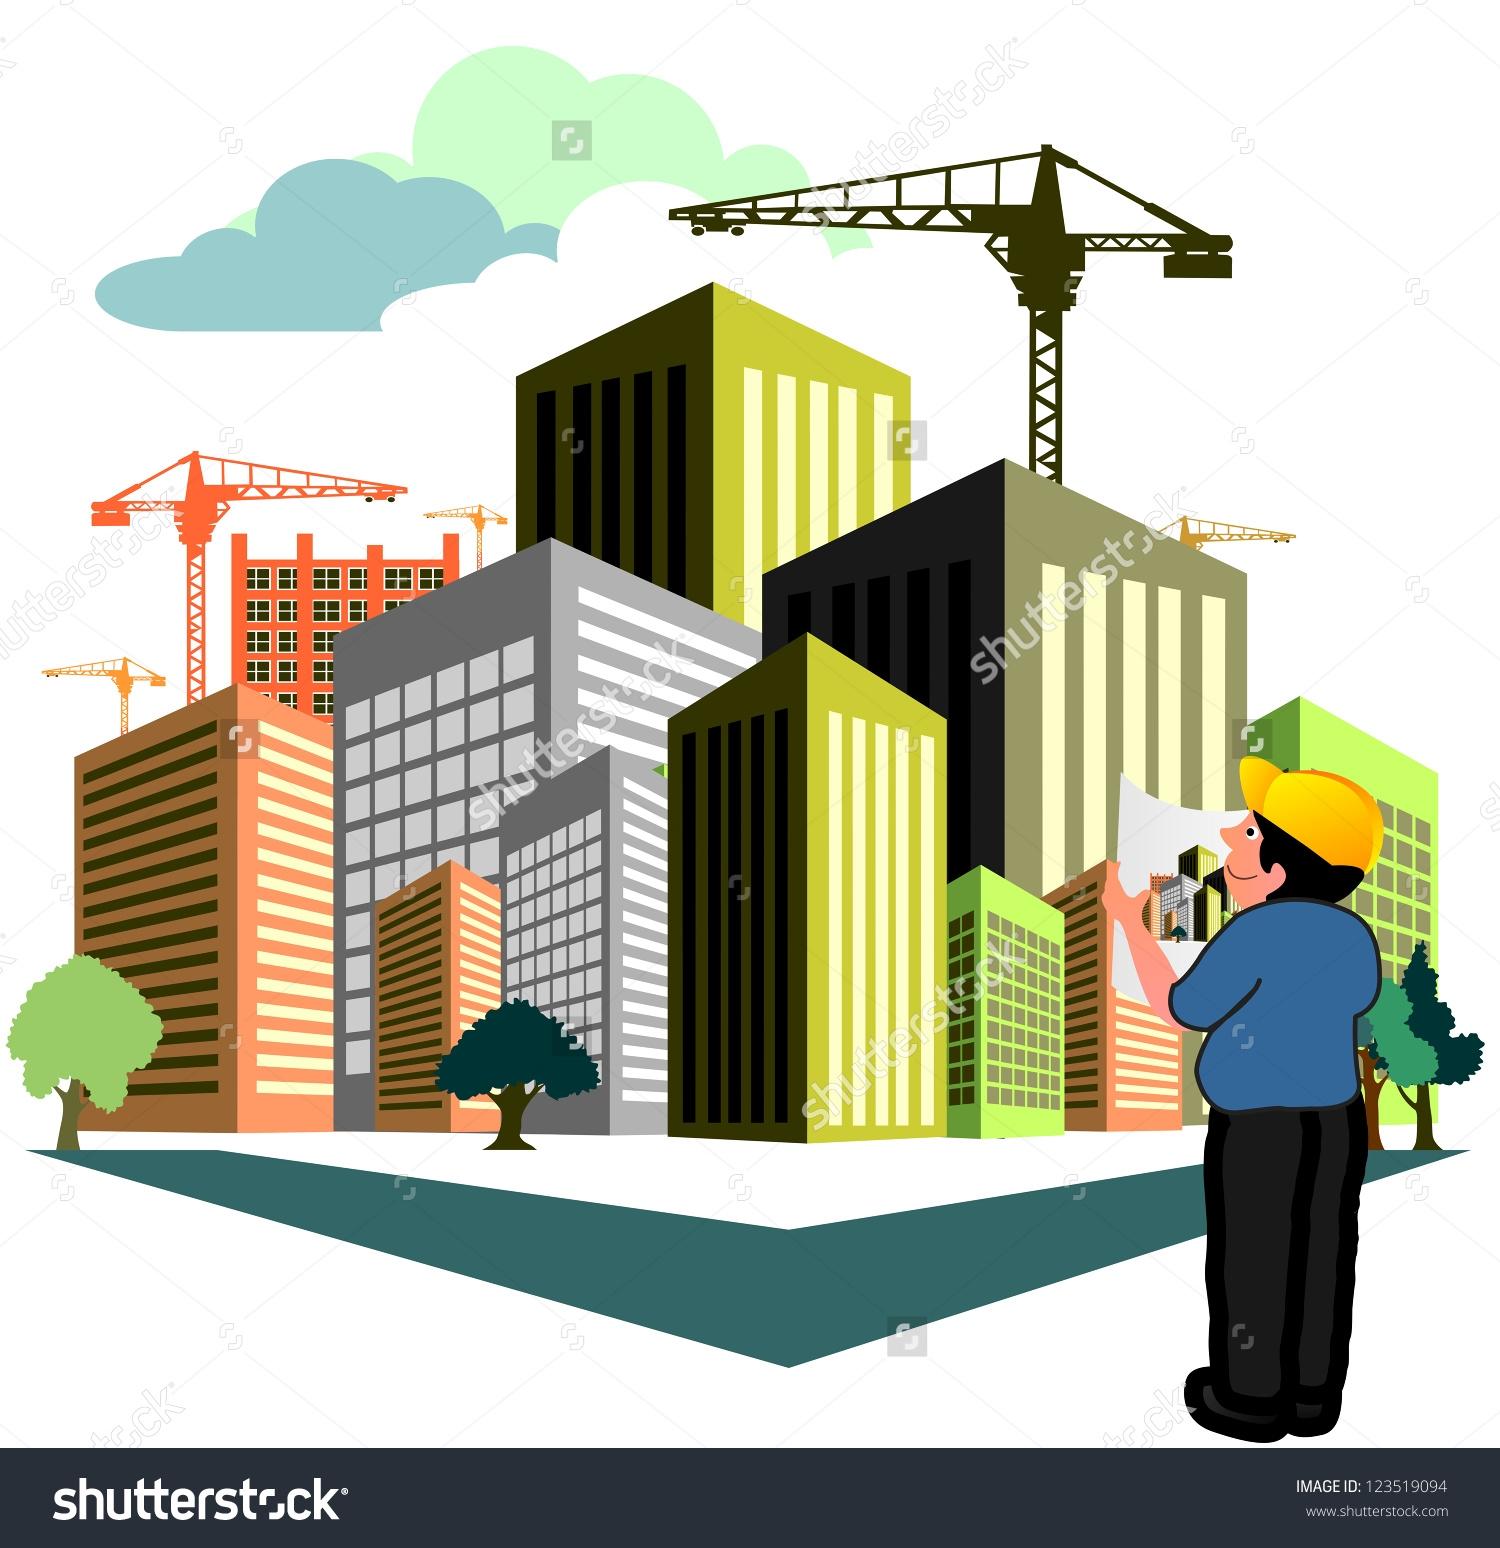 Buildings clipart construction. Building download clip art